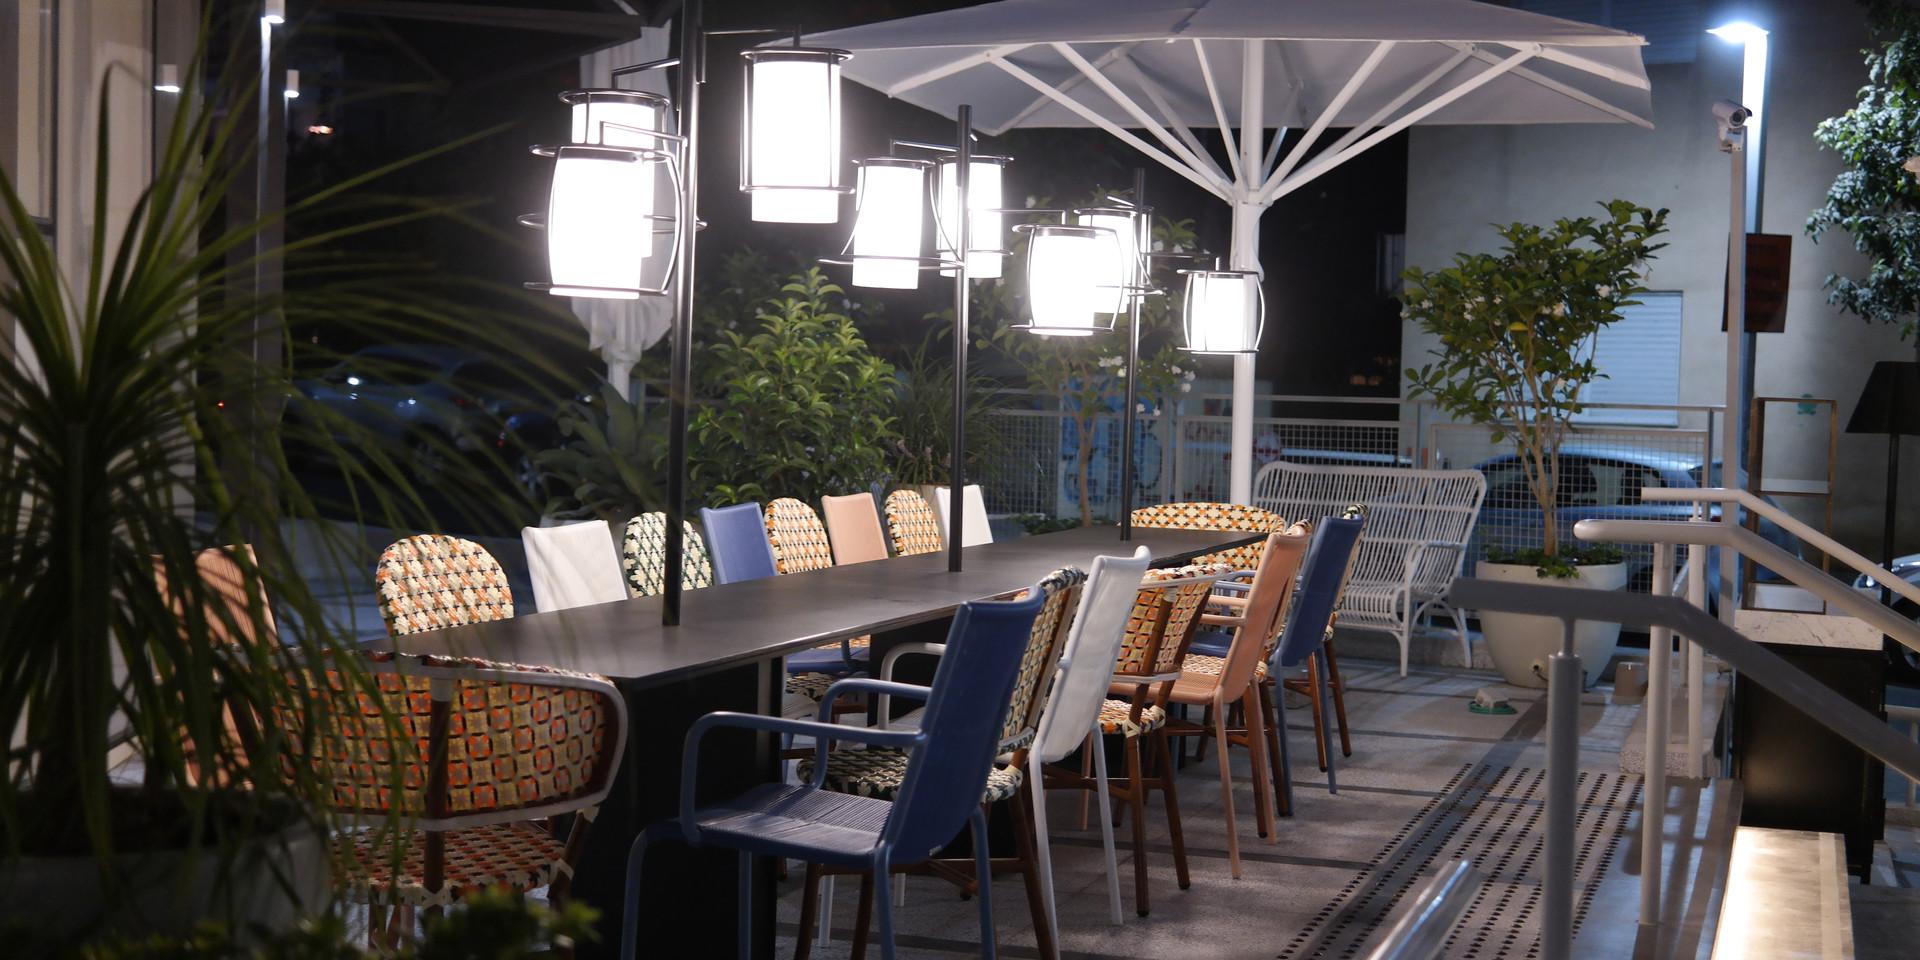 מרפסת קפה 65 - רוטשילד 65 תל אביב